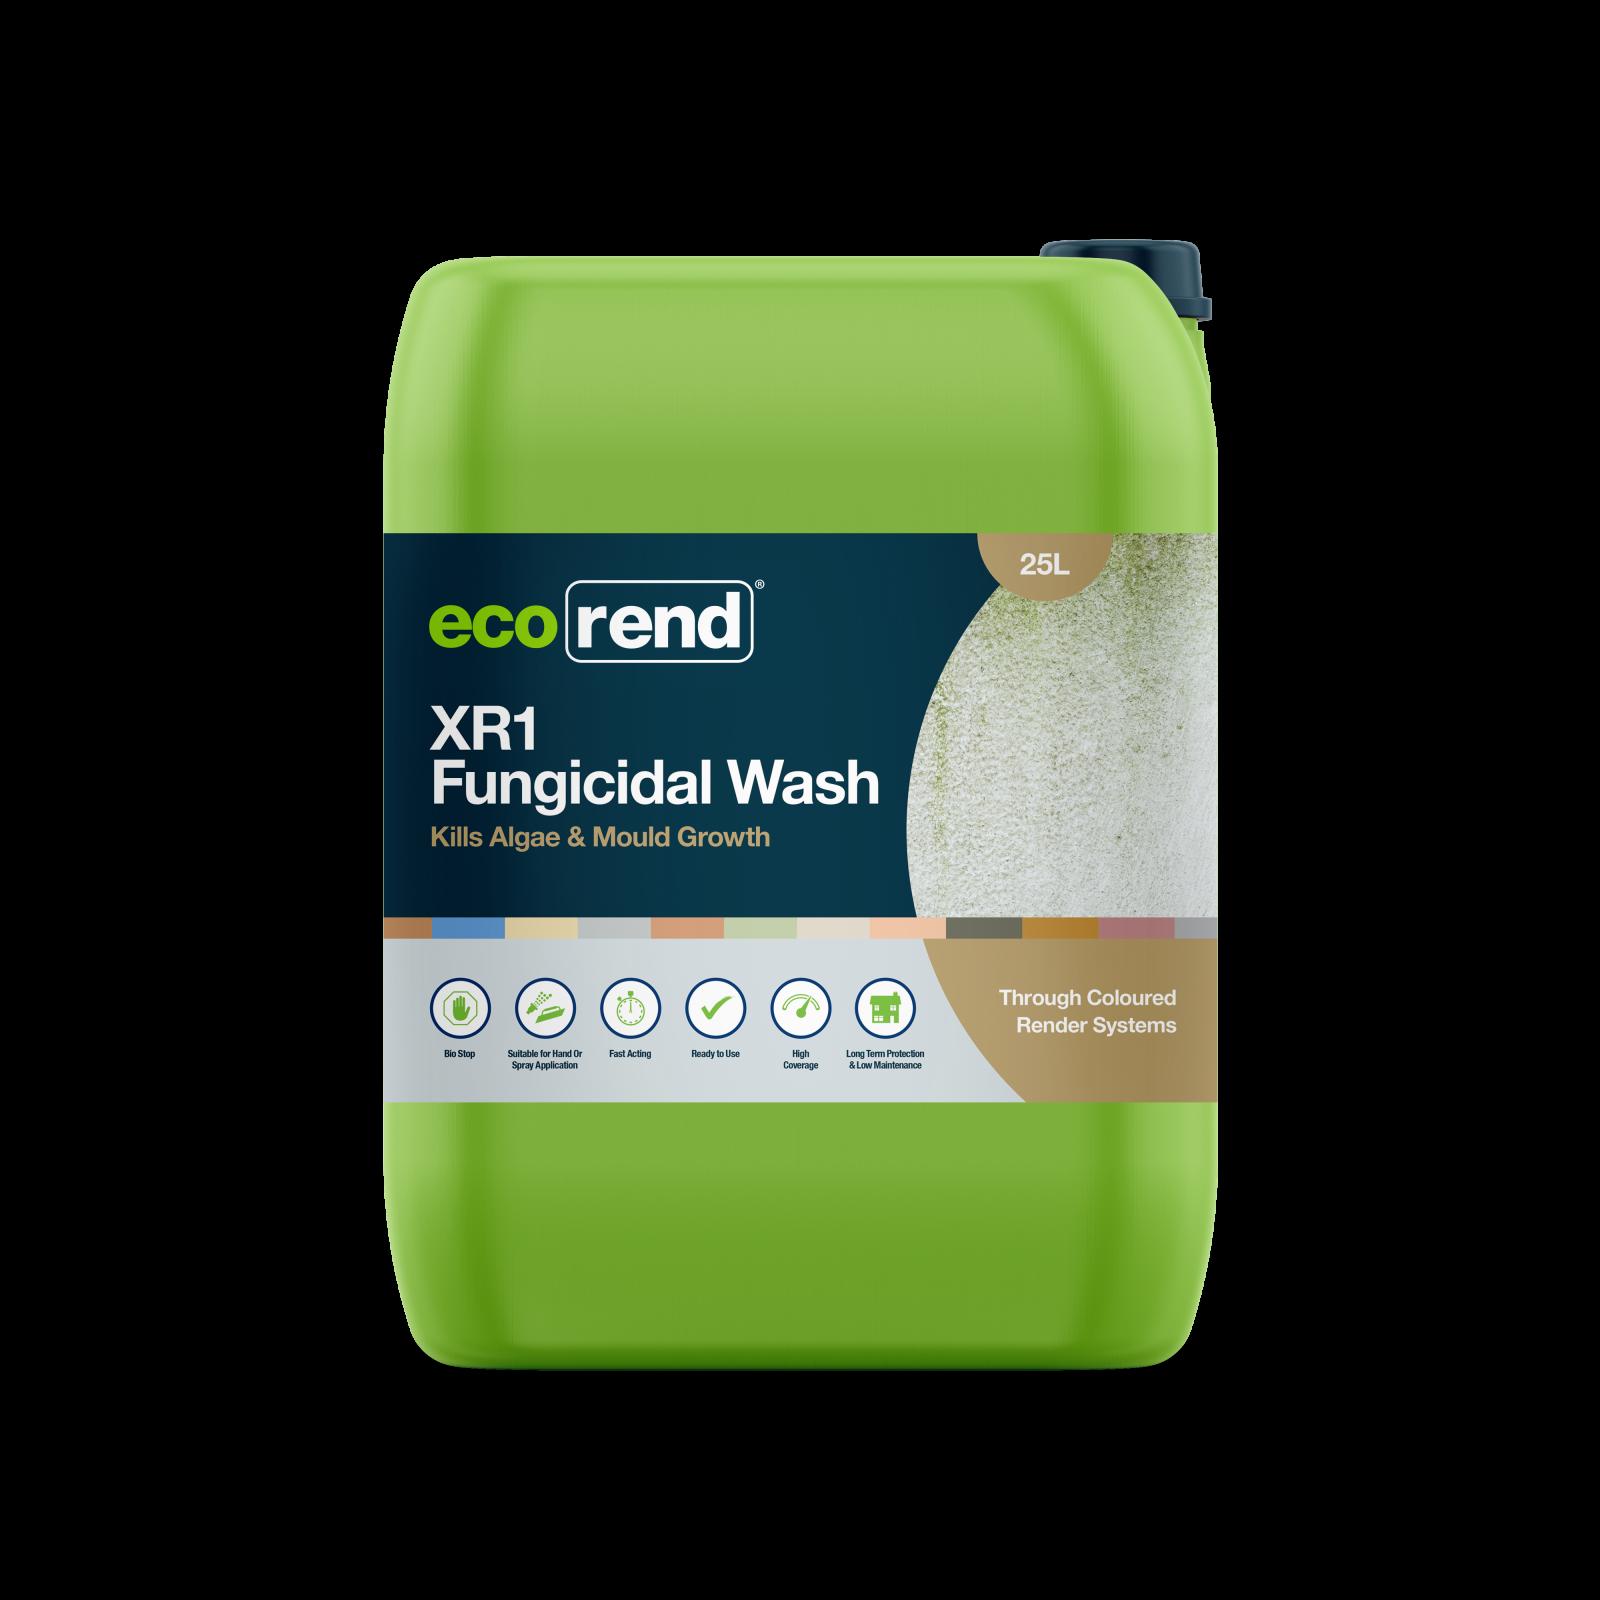 XR1 – Fungicidal Wash